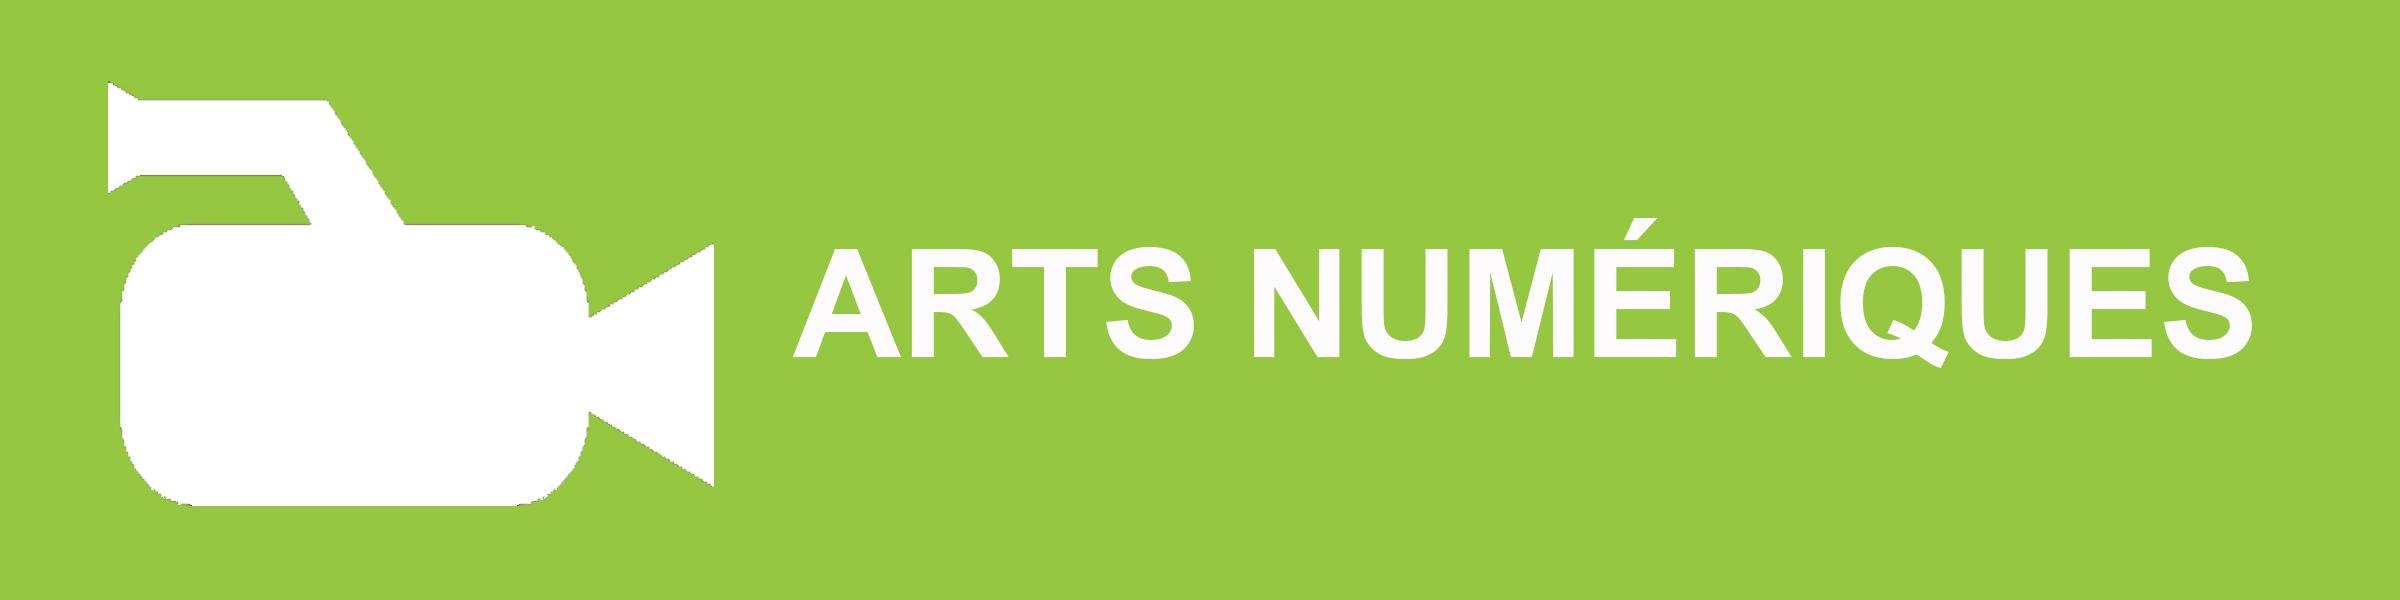 Bouton_numerique